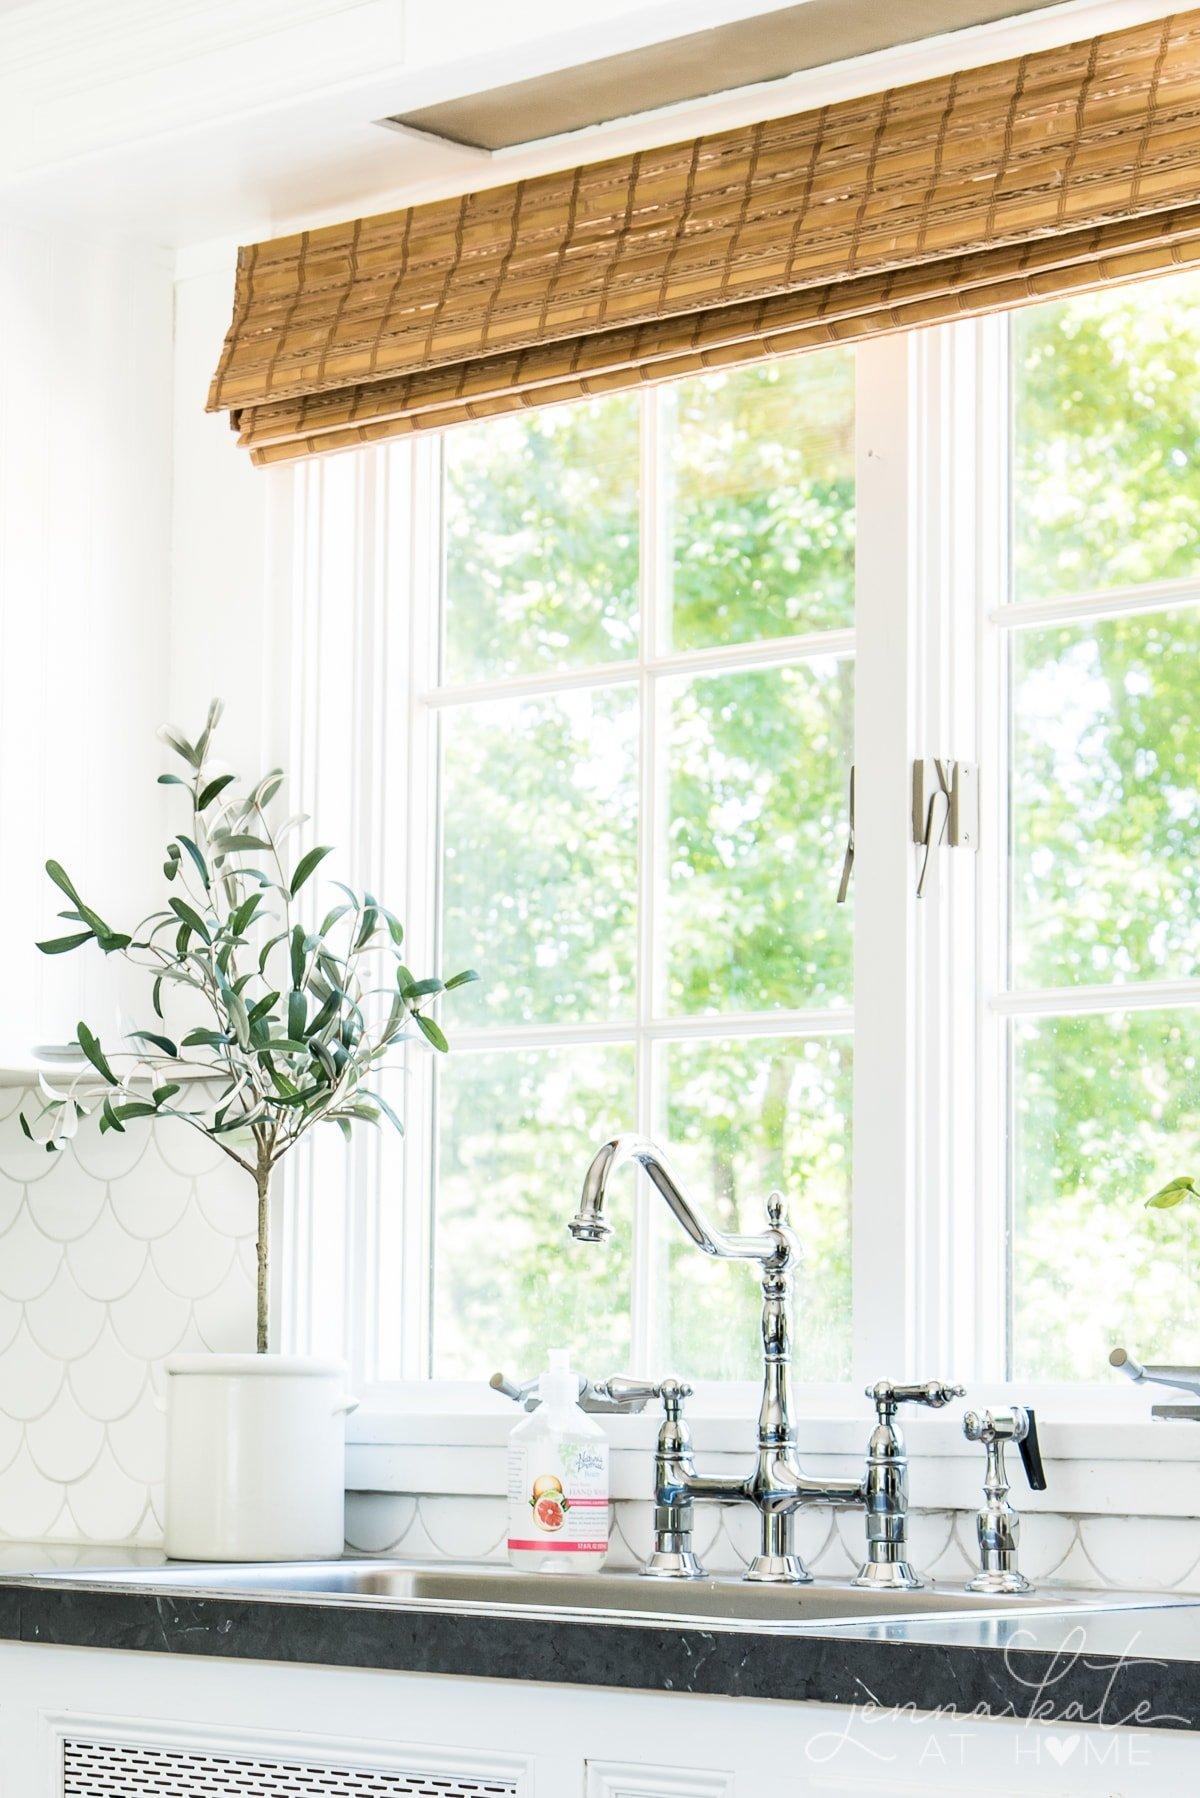 Chrome farmhouse style kitchen faucet